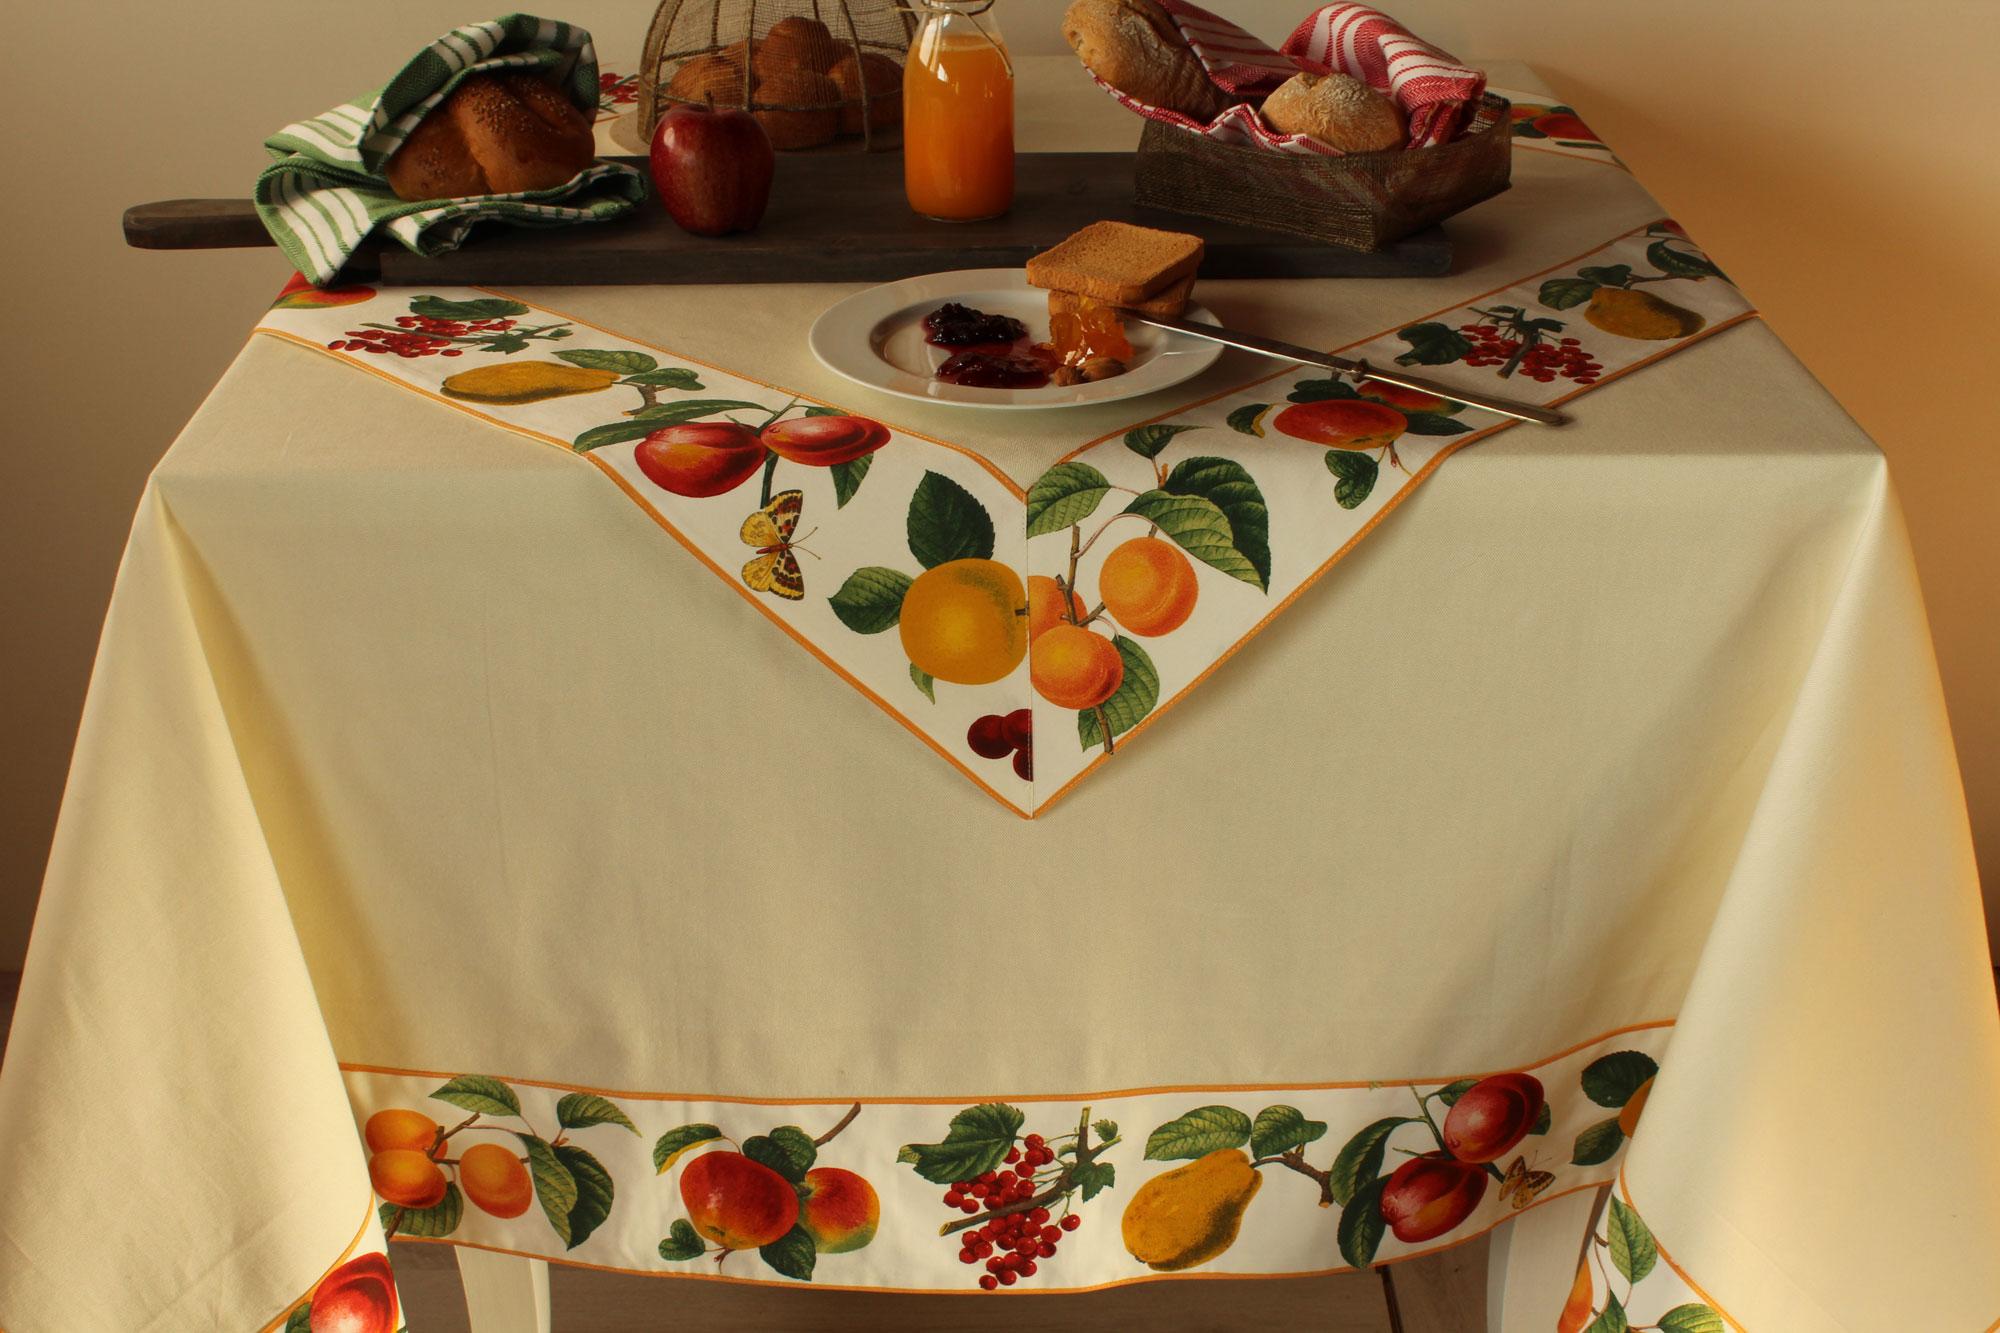 Tovaglia Bordo frutta d'estate